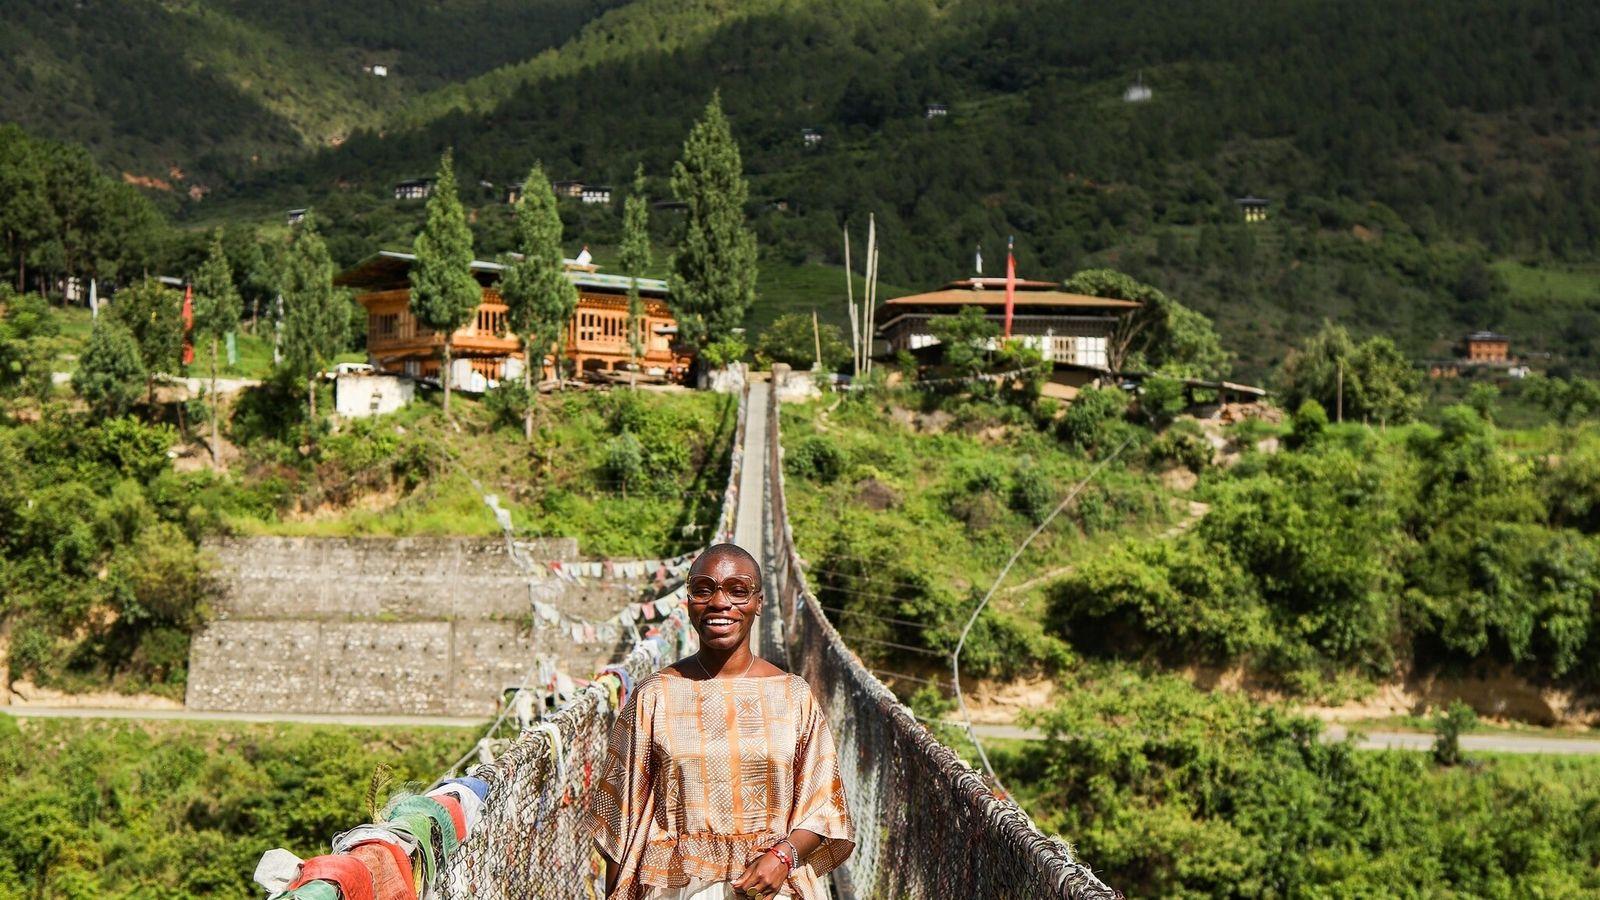 « Voyagez et soyez gentils, accompagnés de votre énergie positive et sans craintes », déclare Jessica Nabongo. Elle ...